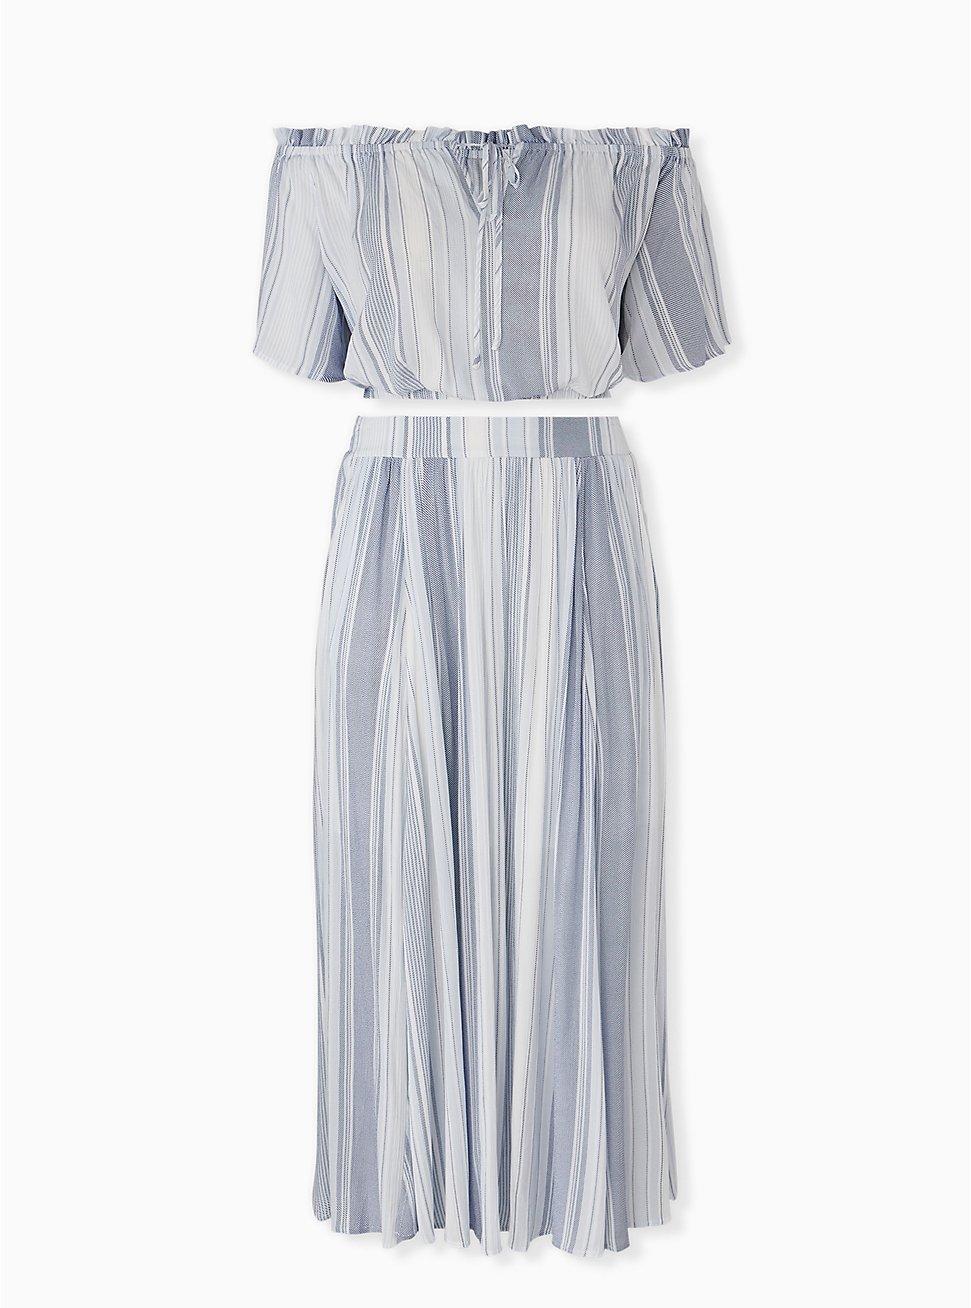 Light Blue Stripe Crinkled Gauze Crop Top & Maxi Skirt Set, STRIPE - BLUE, hi-res